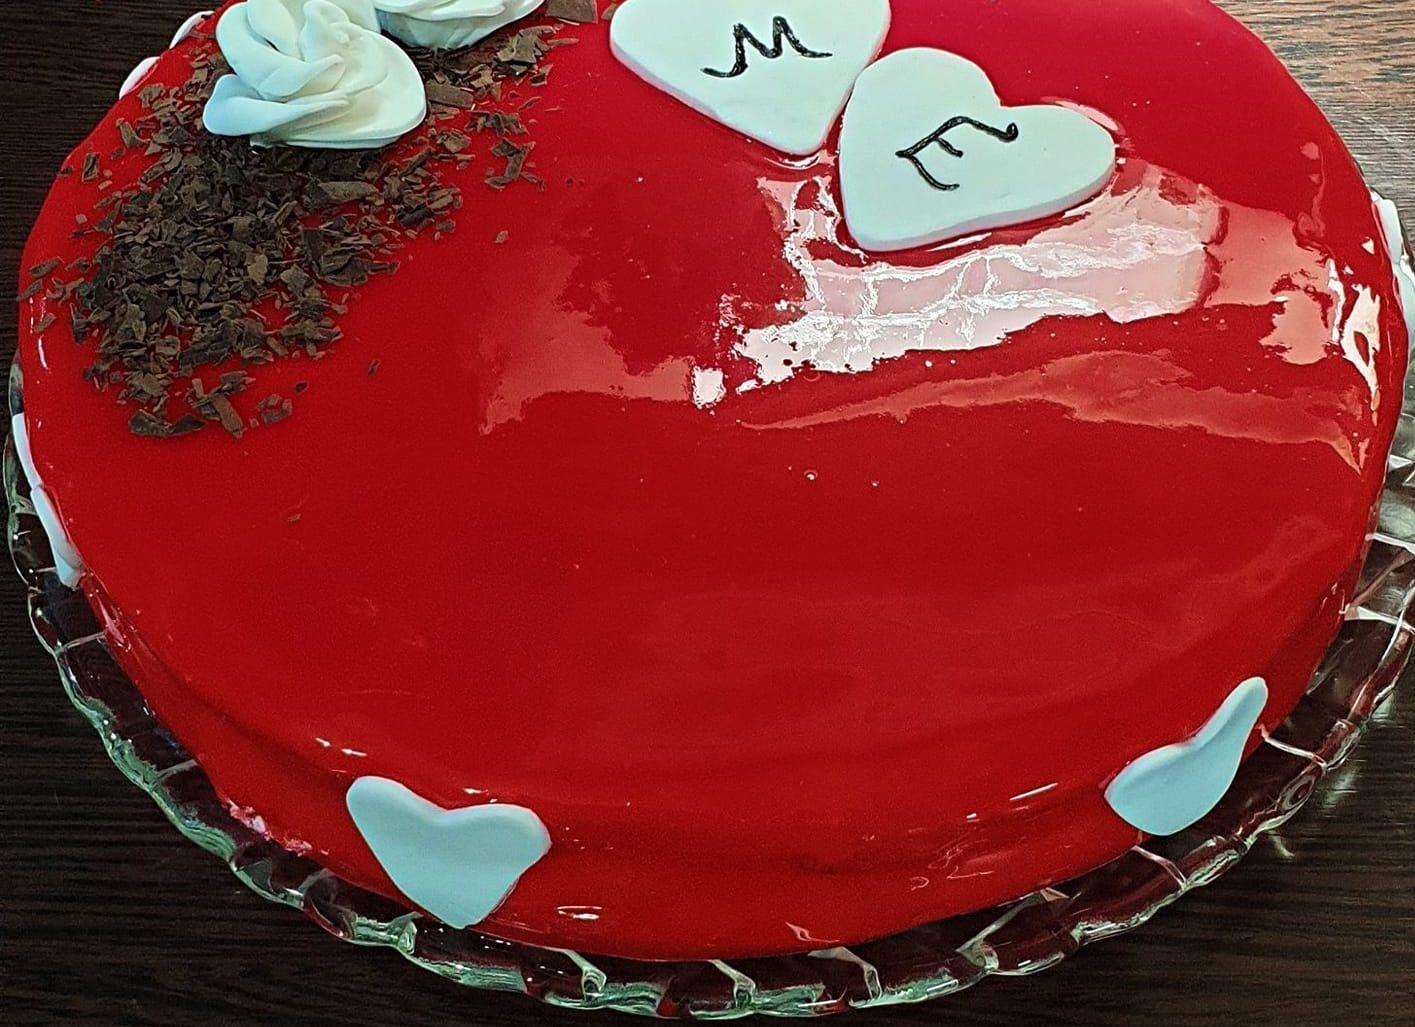 Συνταγή για τούρτα κεράσι με υπέροχο γλάσο καθρέφτη